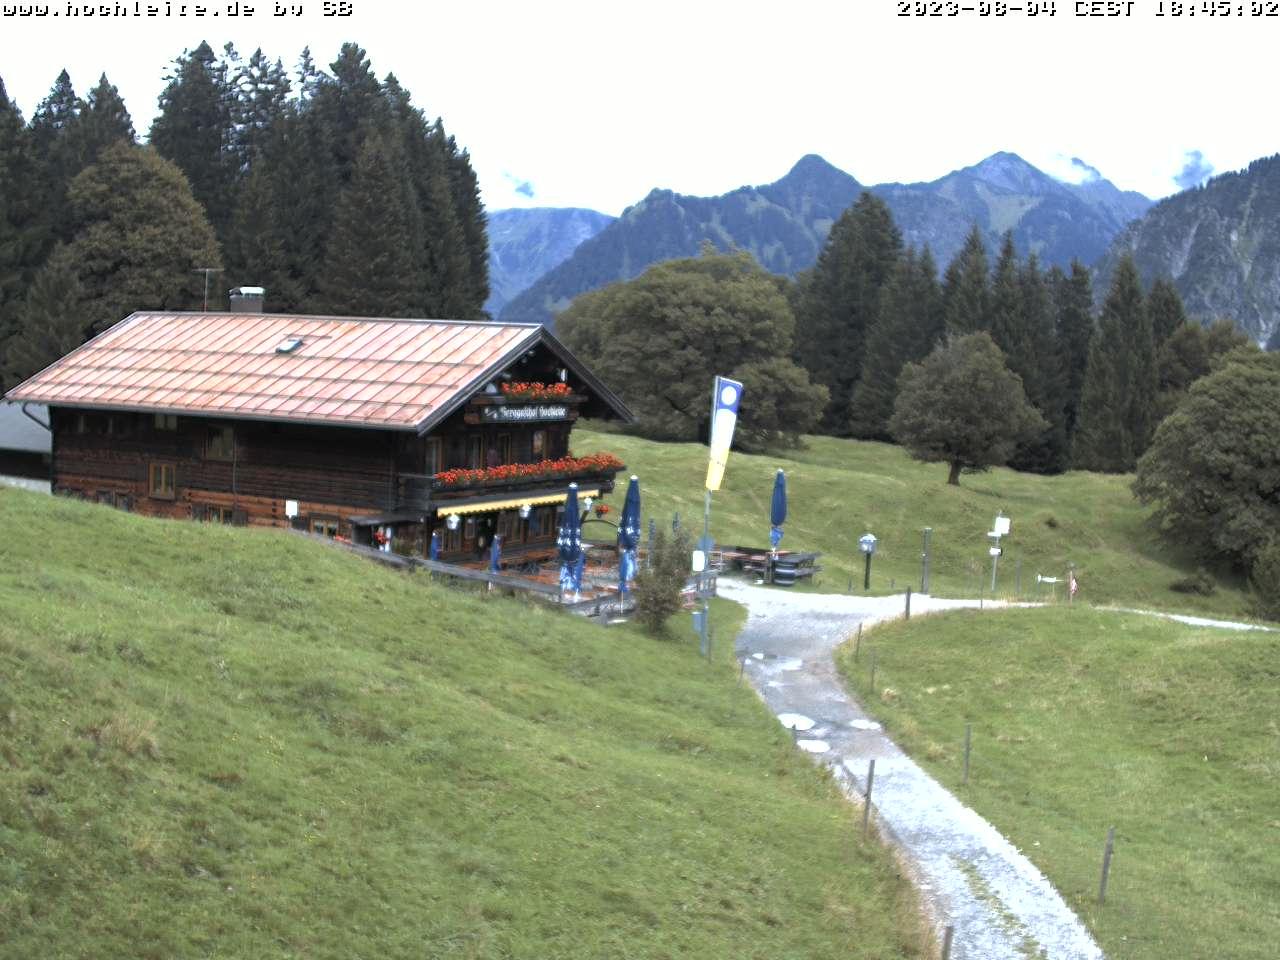 Hochleite - Berghütte